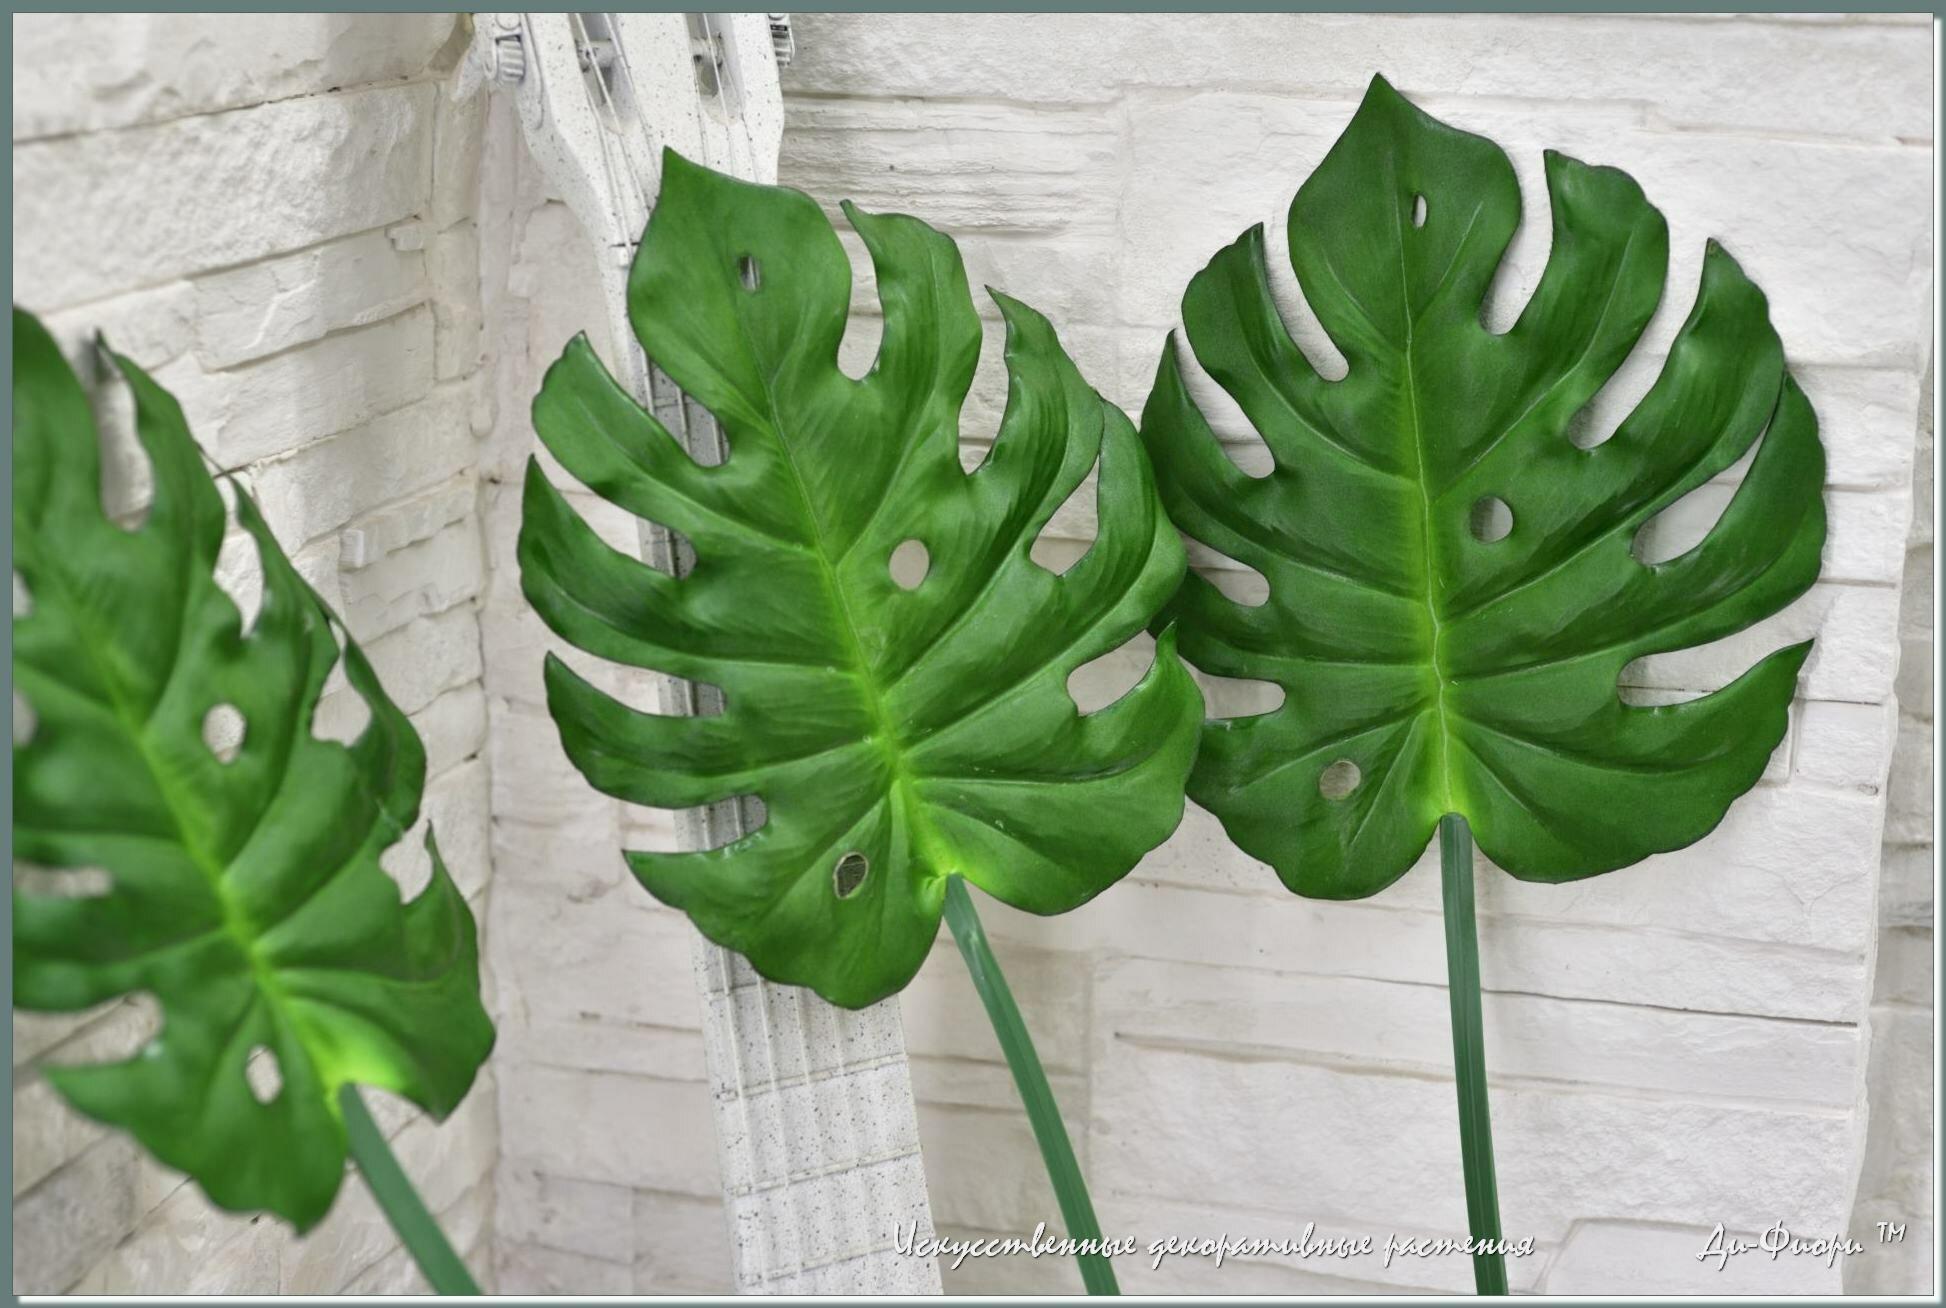 Искусственные растения Лист монстеры малый, h80 d19 50гр. № 83230006